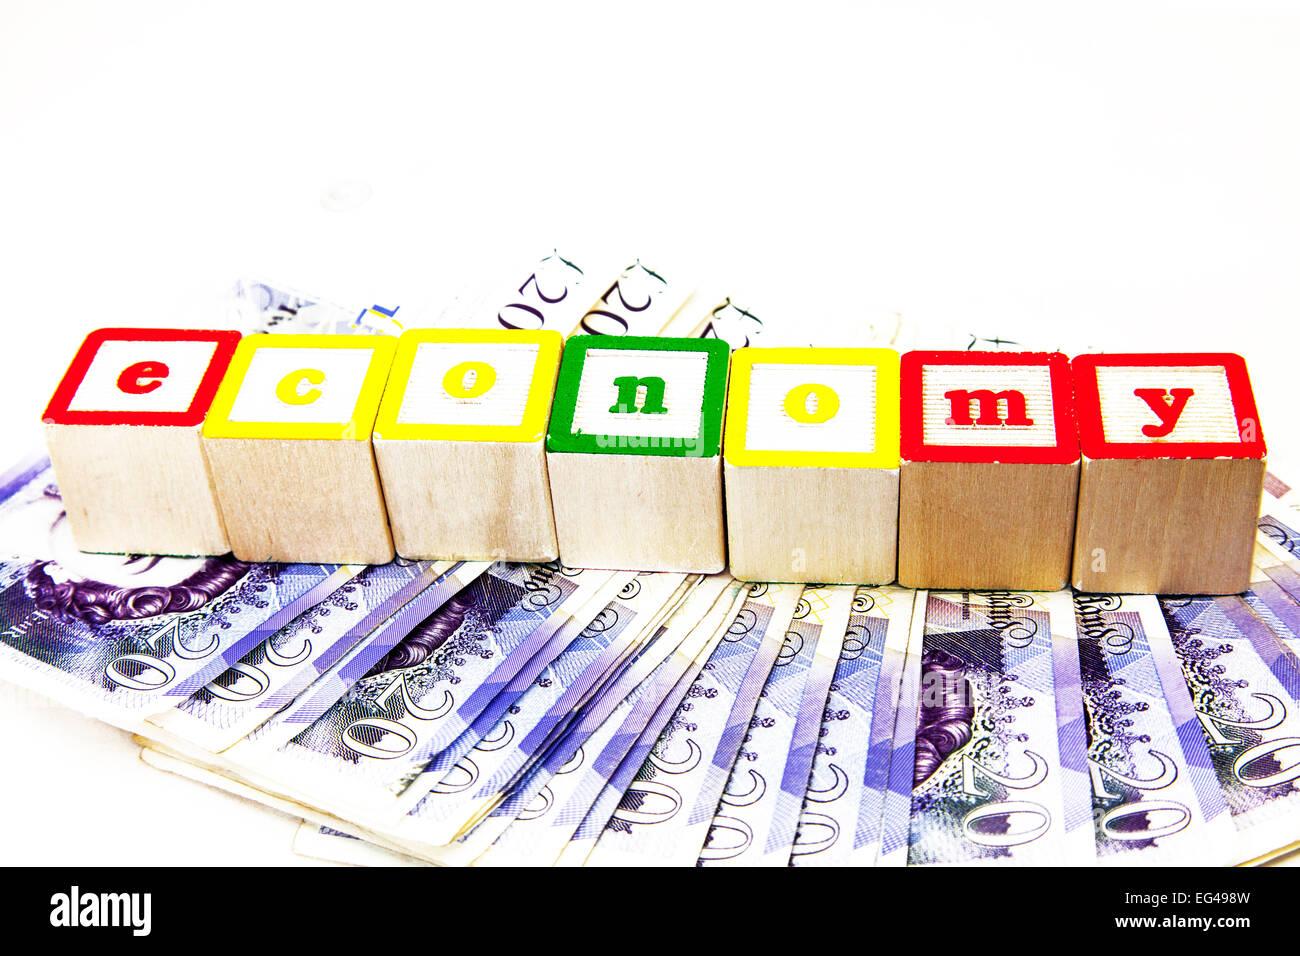 Economy UK value for money economise economics austerity debt debts government concept Copy space cut out white - Stock Image